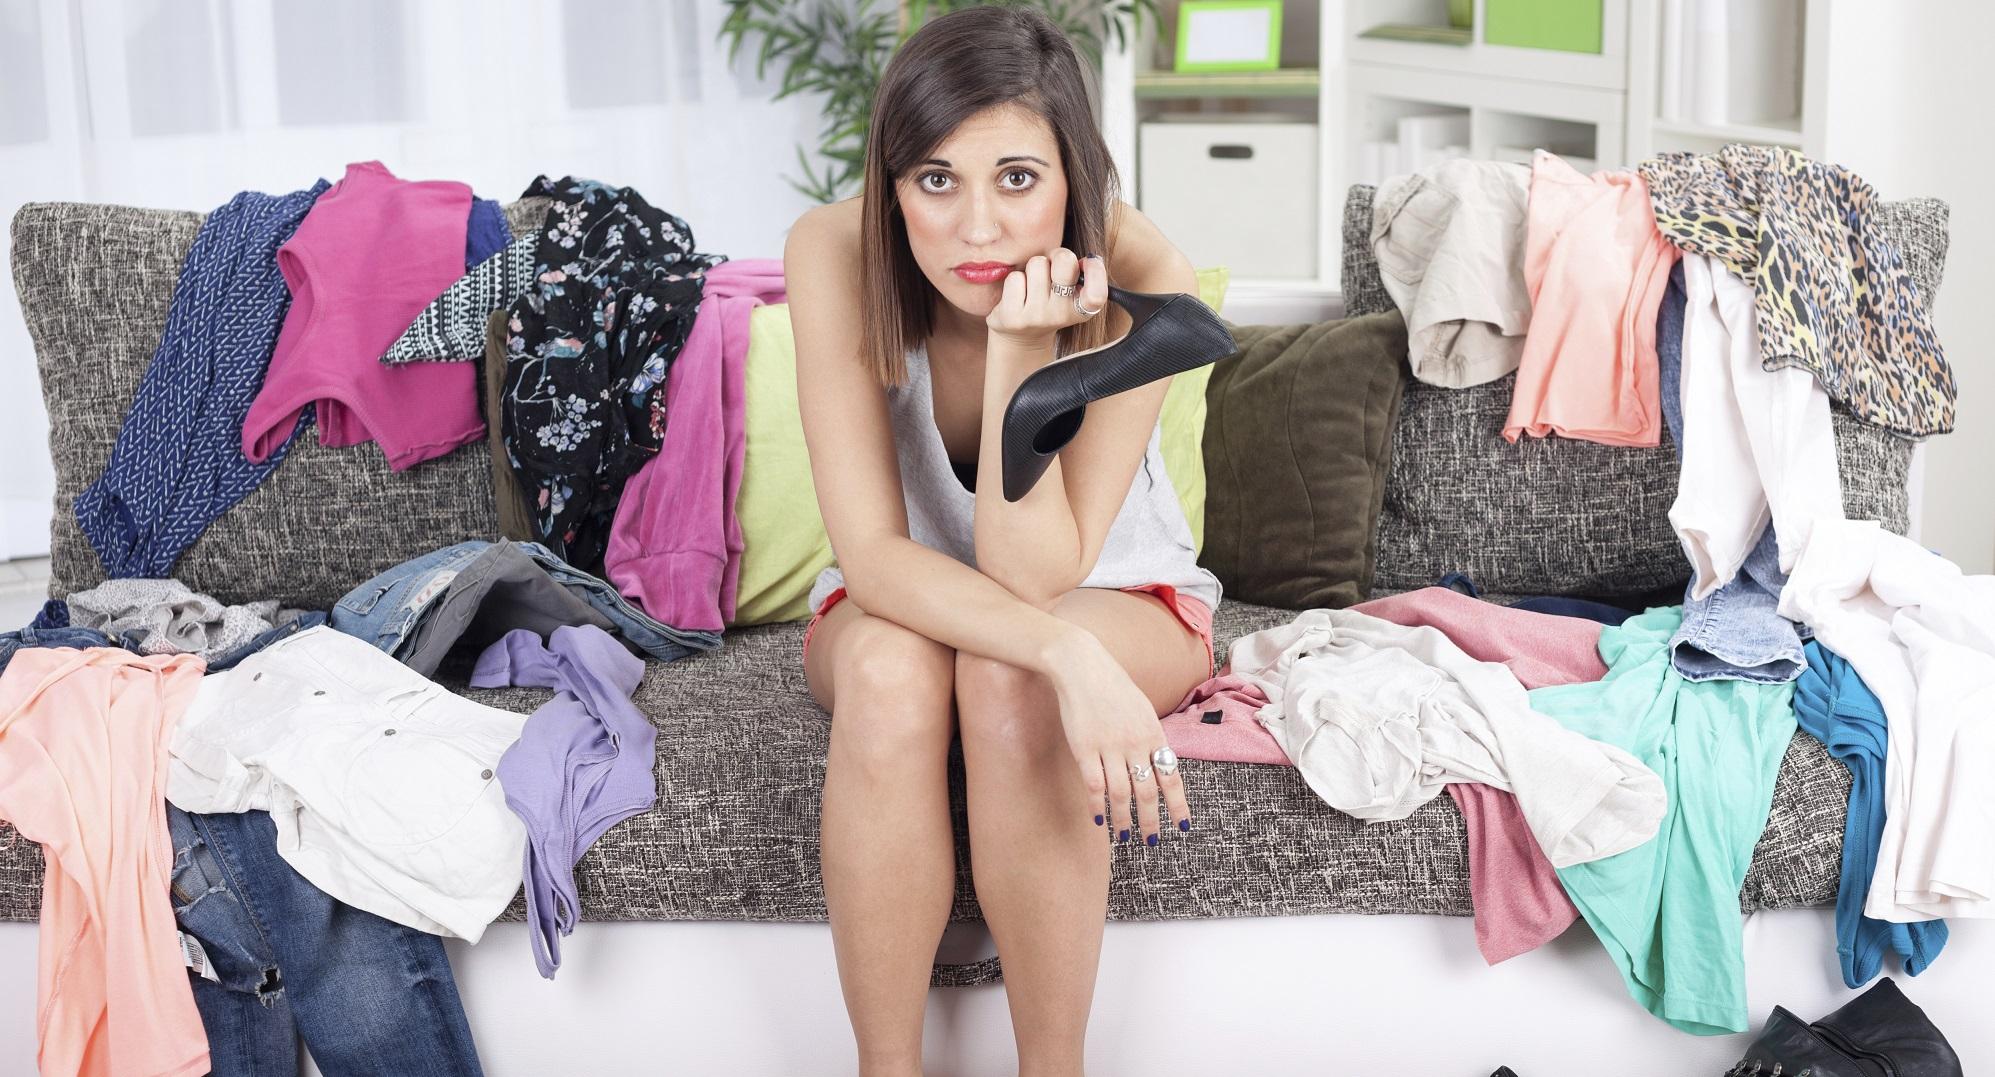 Секс на гардероб 5 фотография